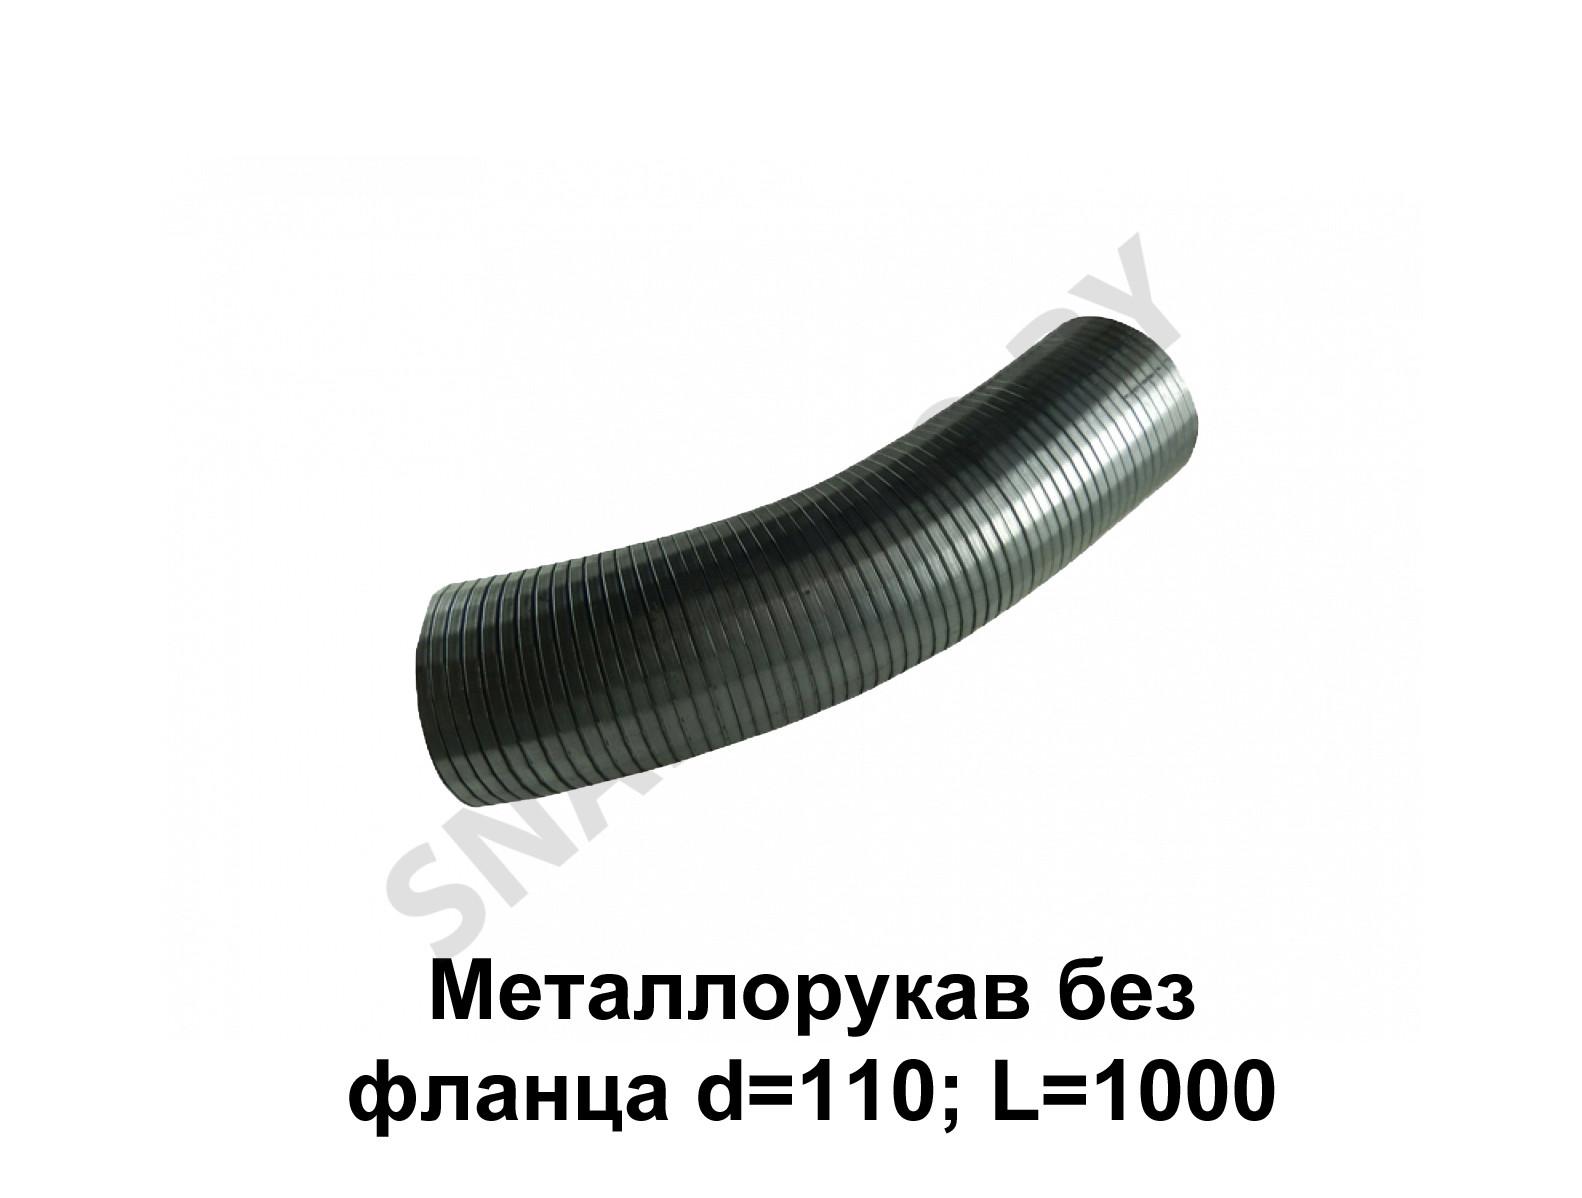 Металлорукав без фланца d=110; L=1000 (один вывод)